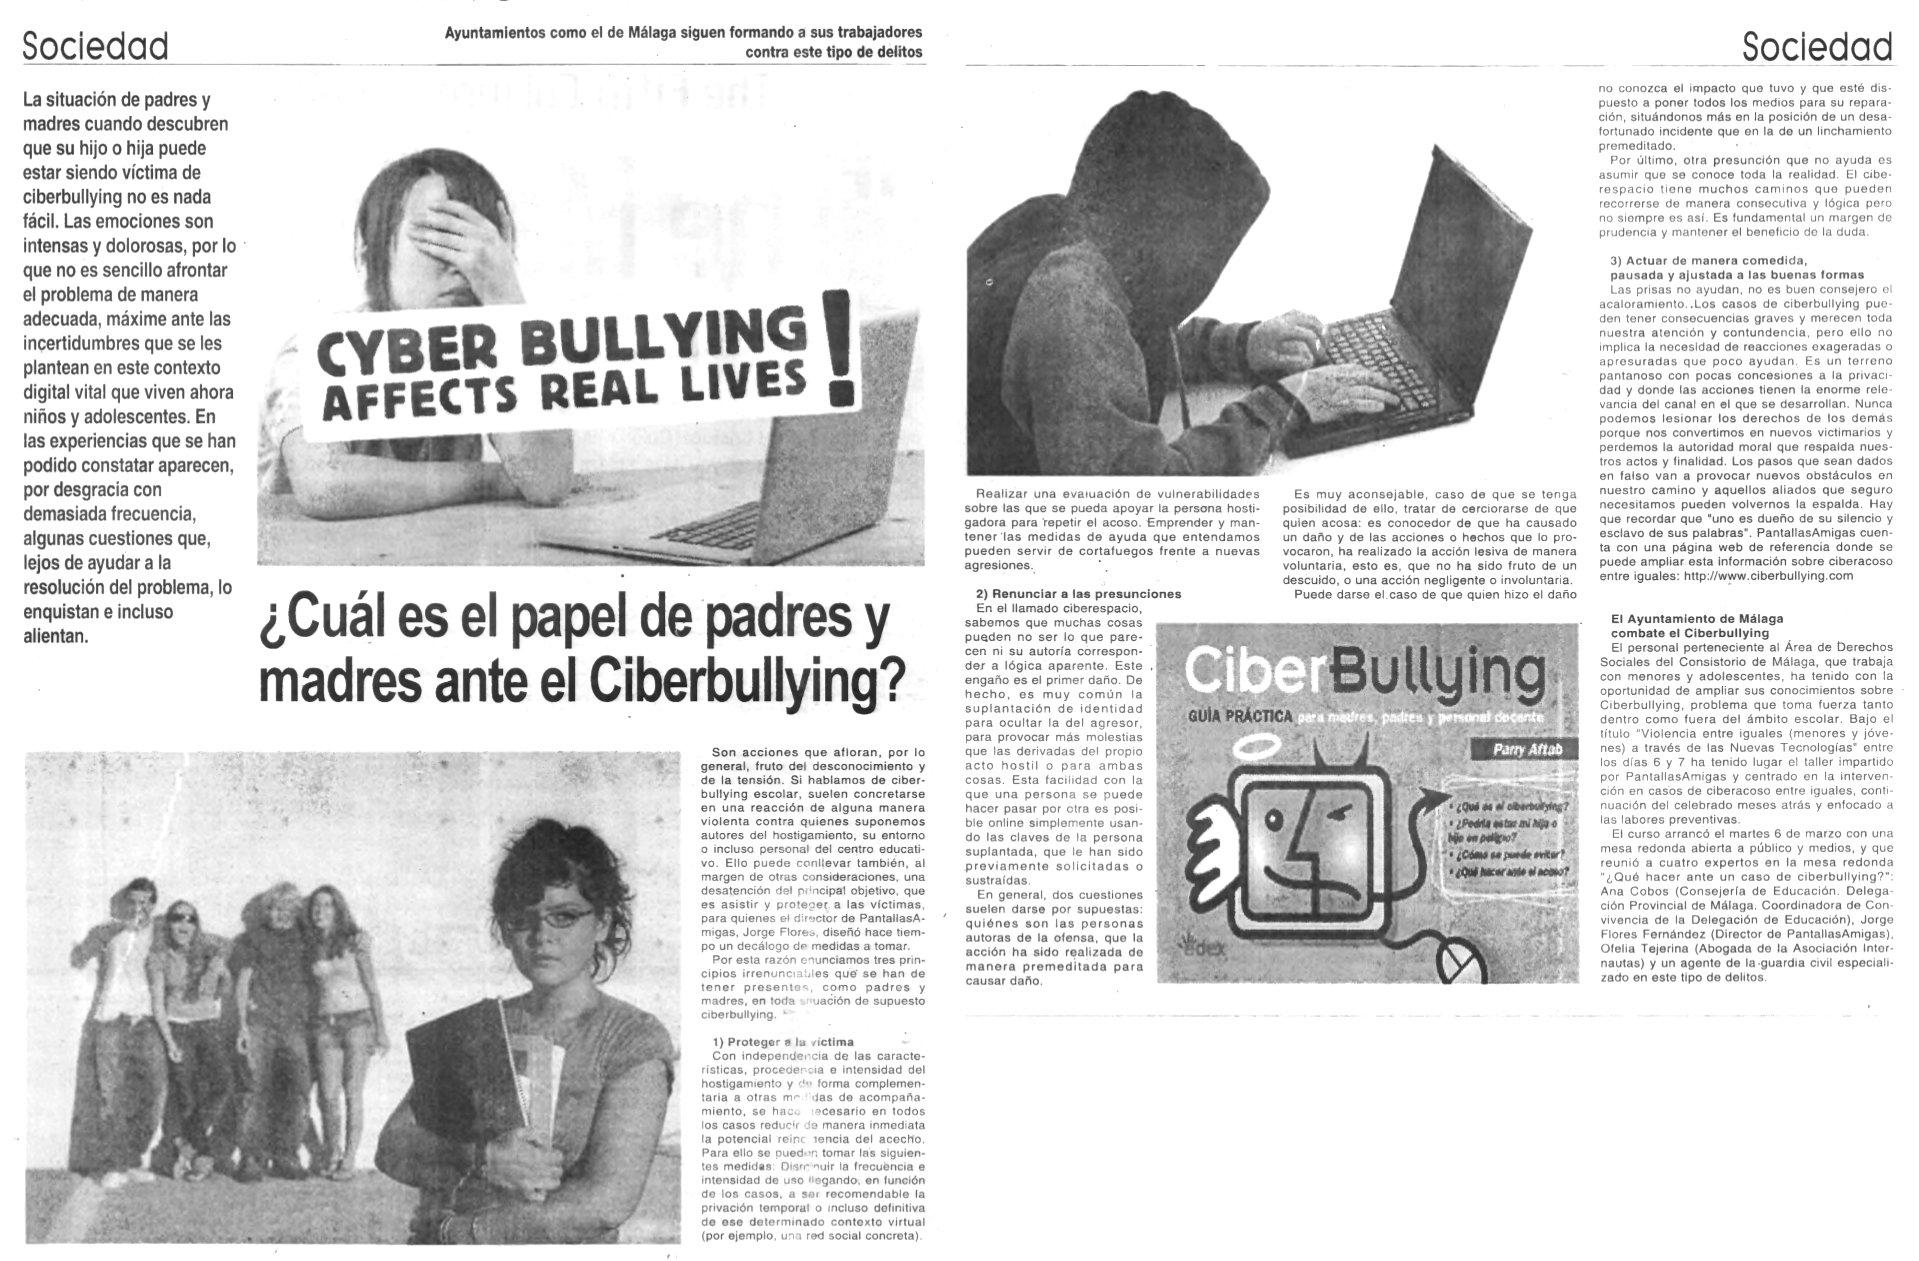 ¿Cuál es el papel de madres y padres ante el Ciberbullying?